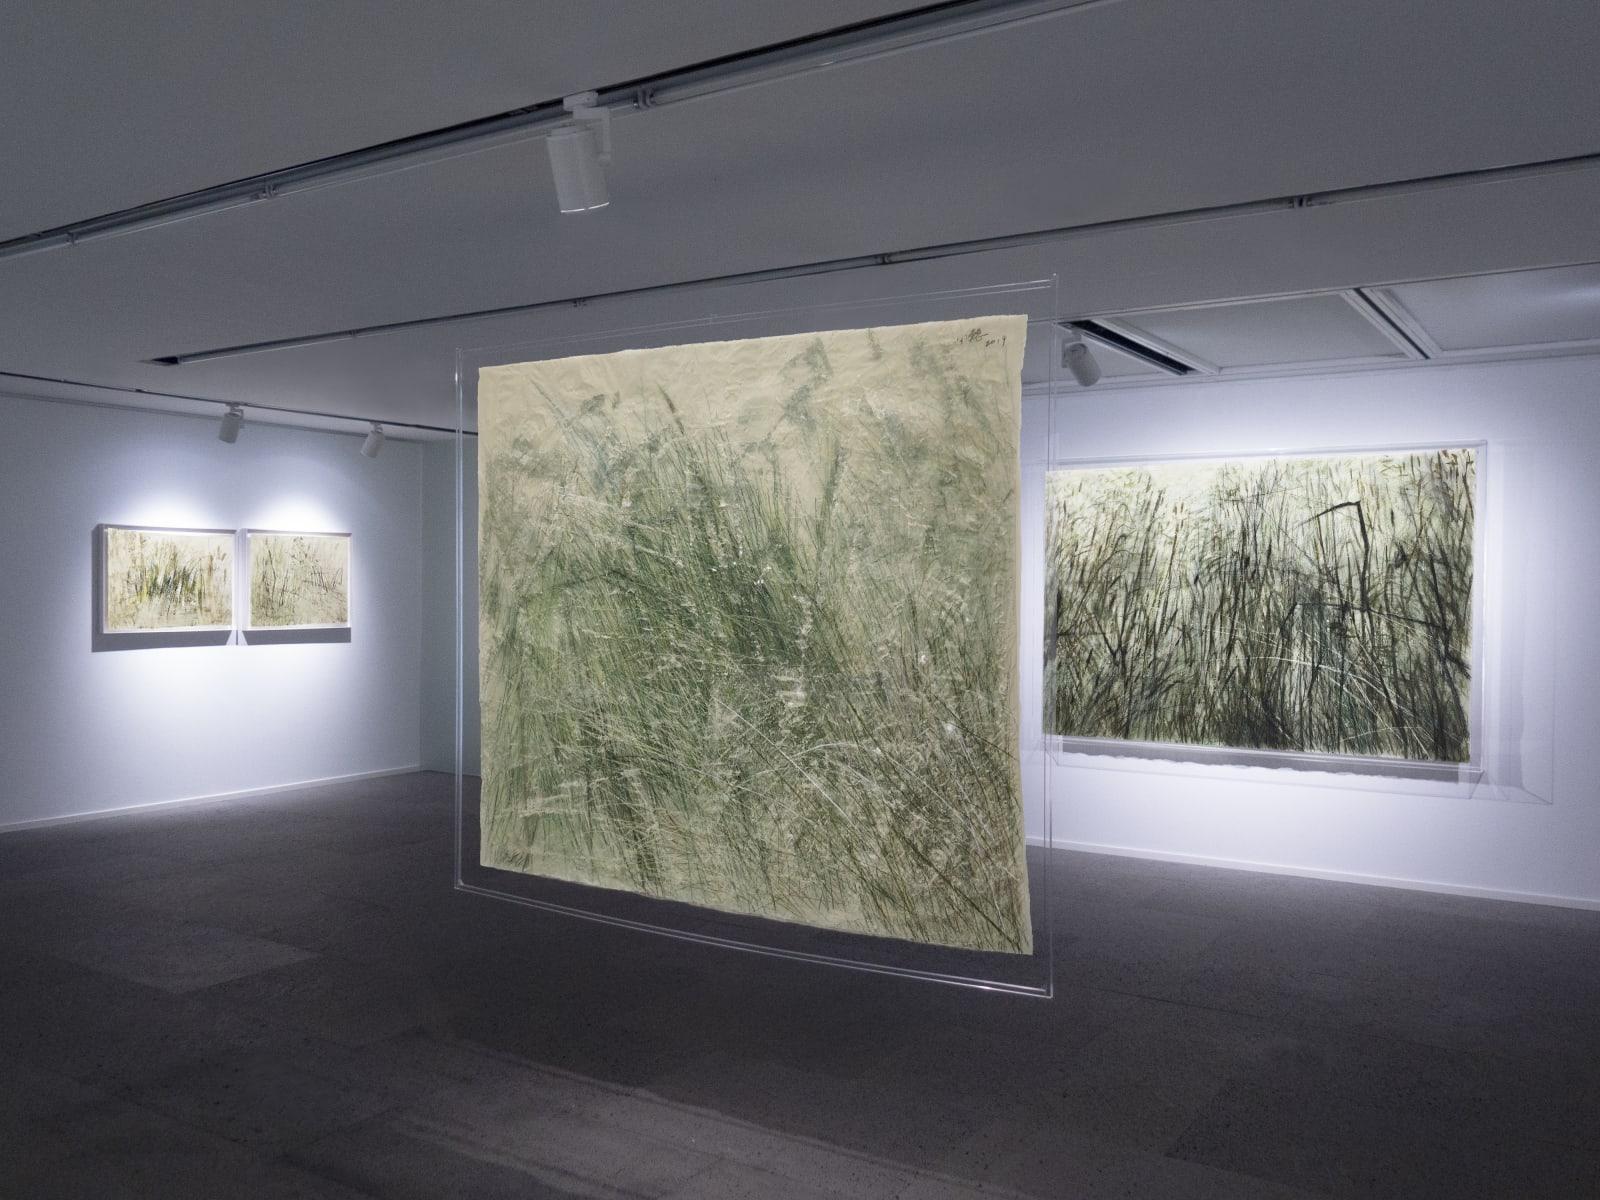 Wang Gongyi - Leaves of Grass